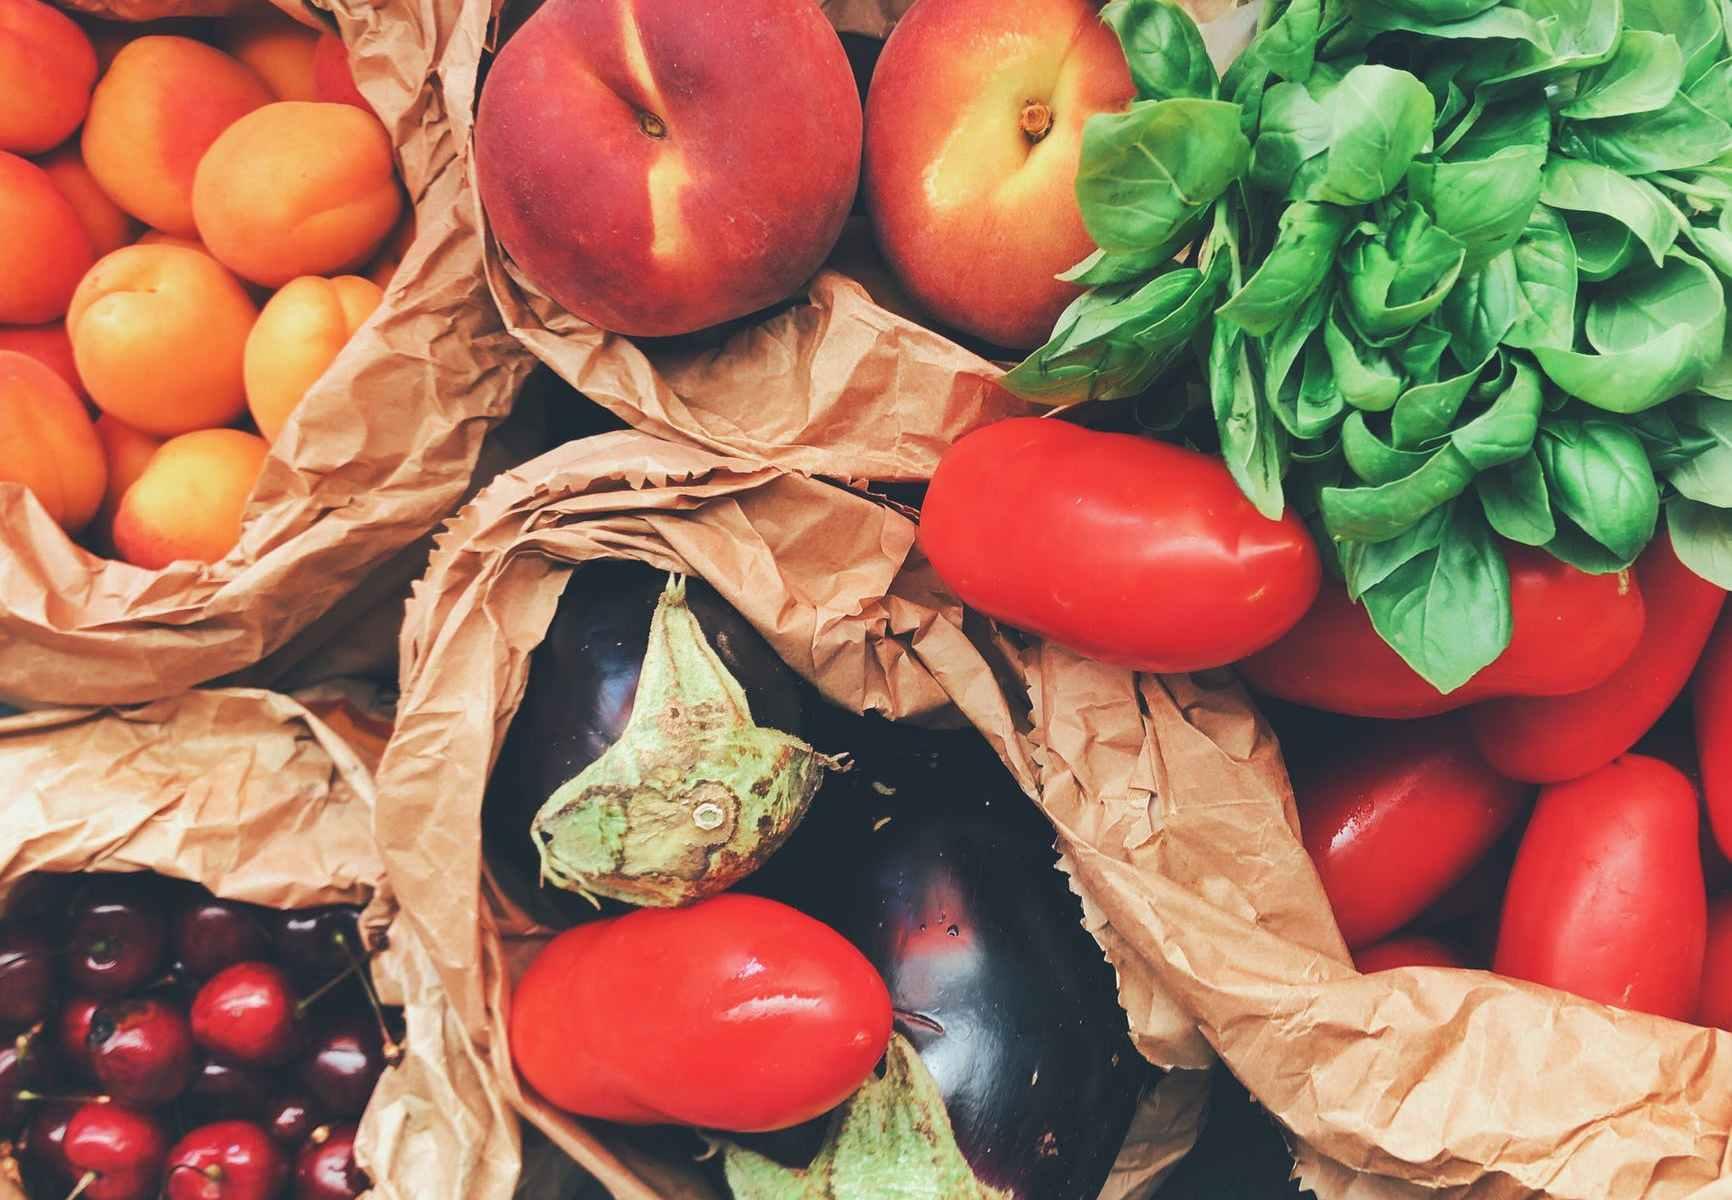 cibo-frutta-verdura-pomodori-pesche-ciliegie